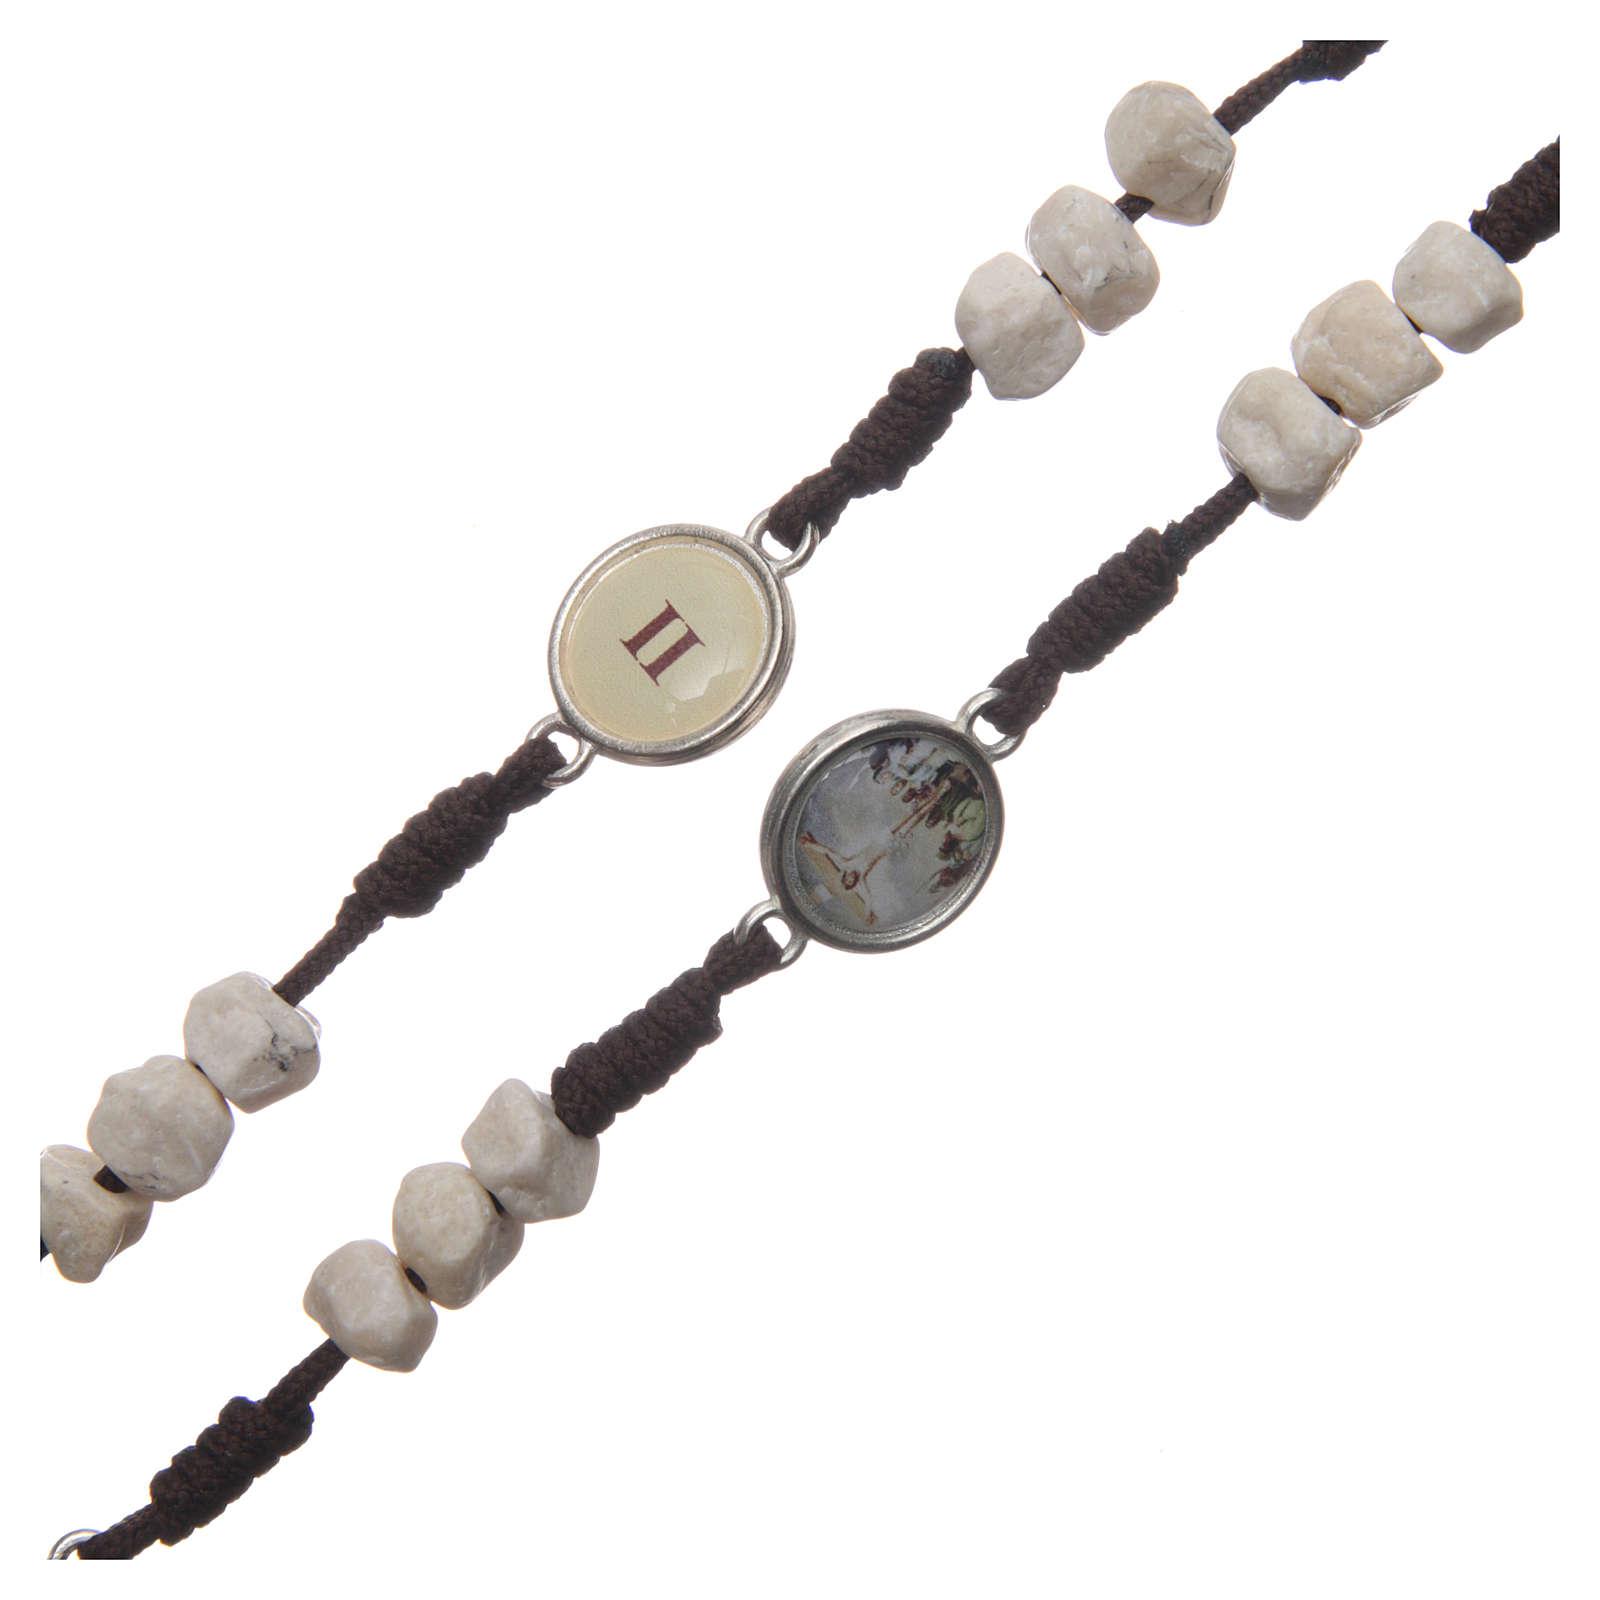 Rosenkranz aus Medjugorje, Perlen aus Stein auf brauner Kordel 4